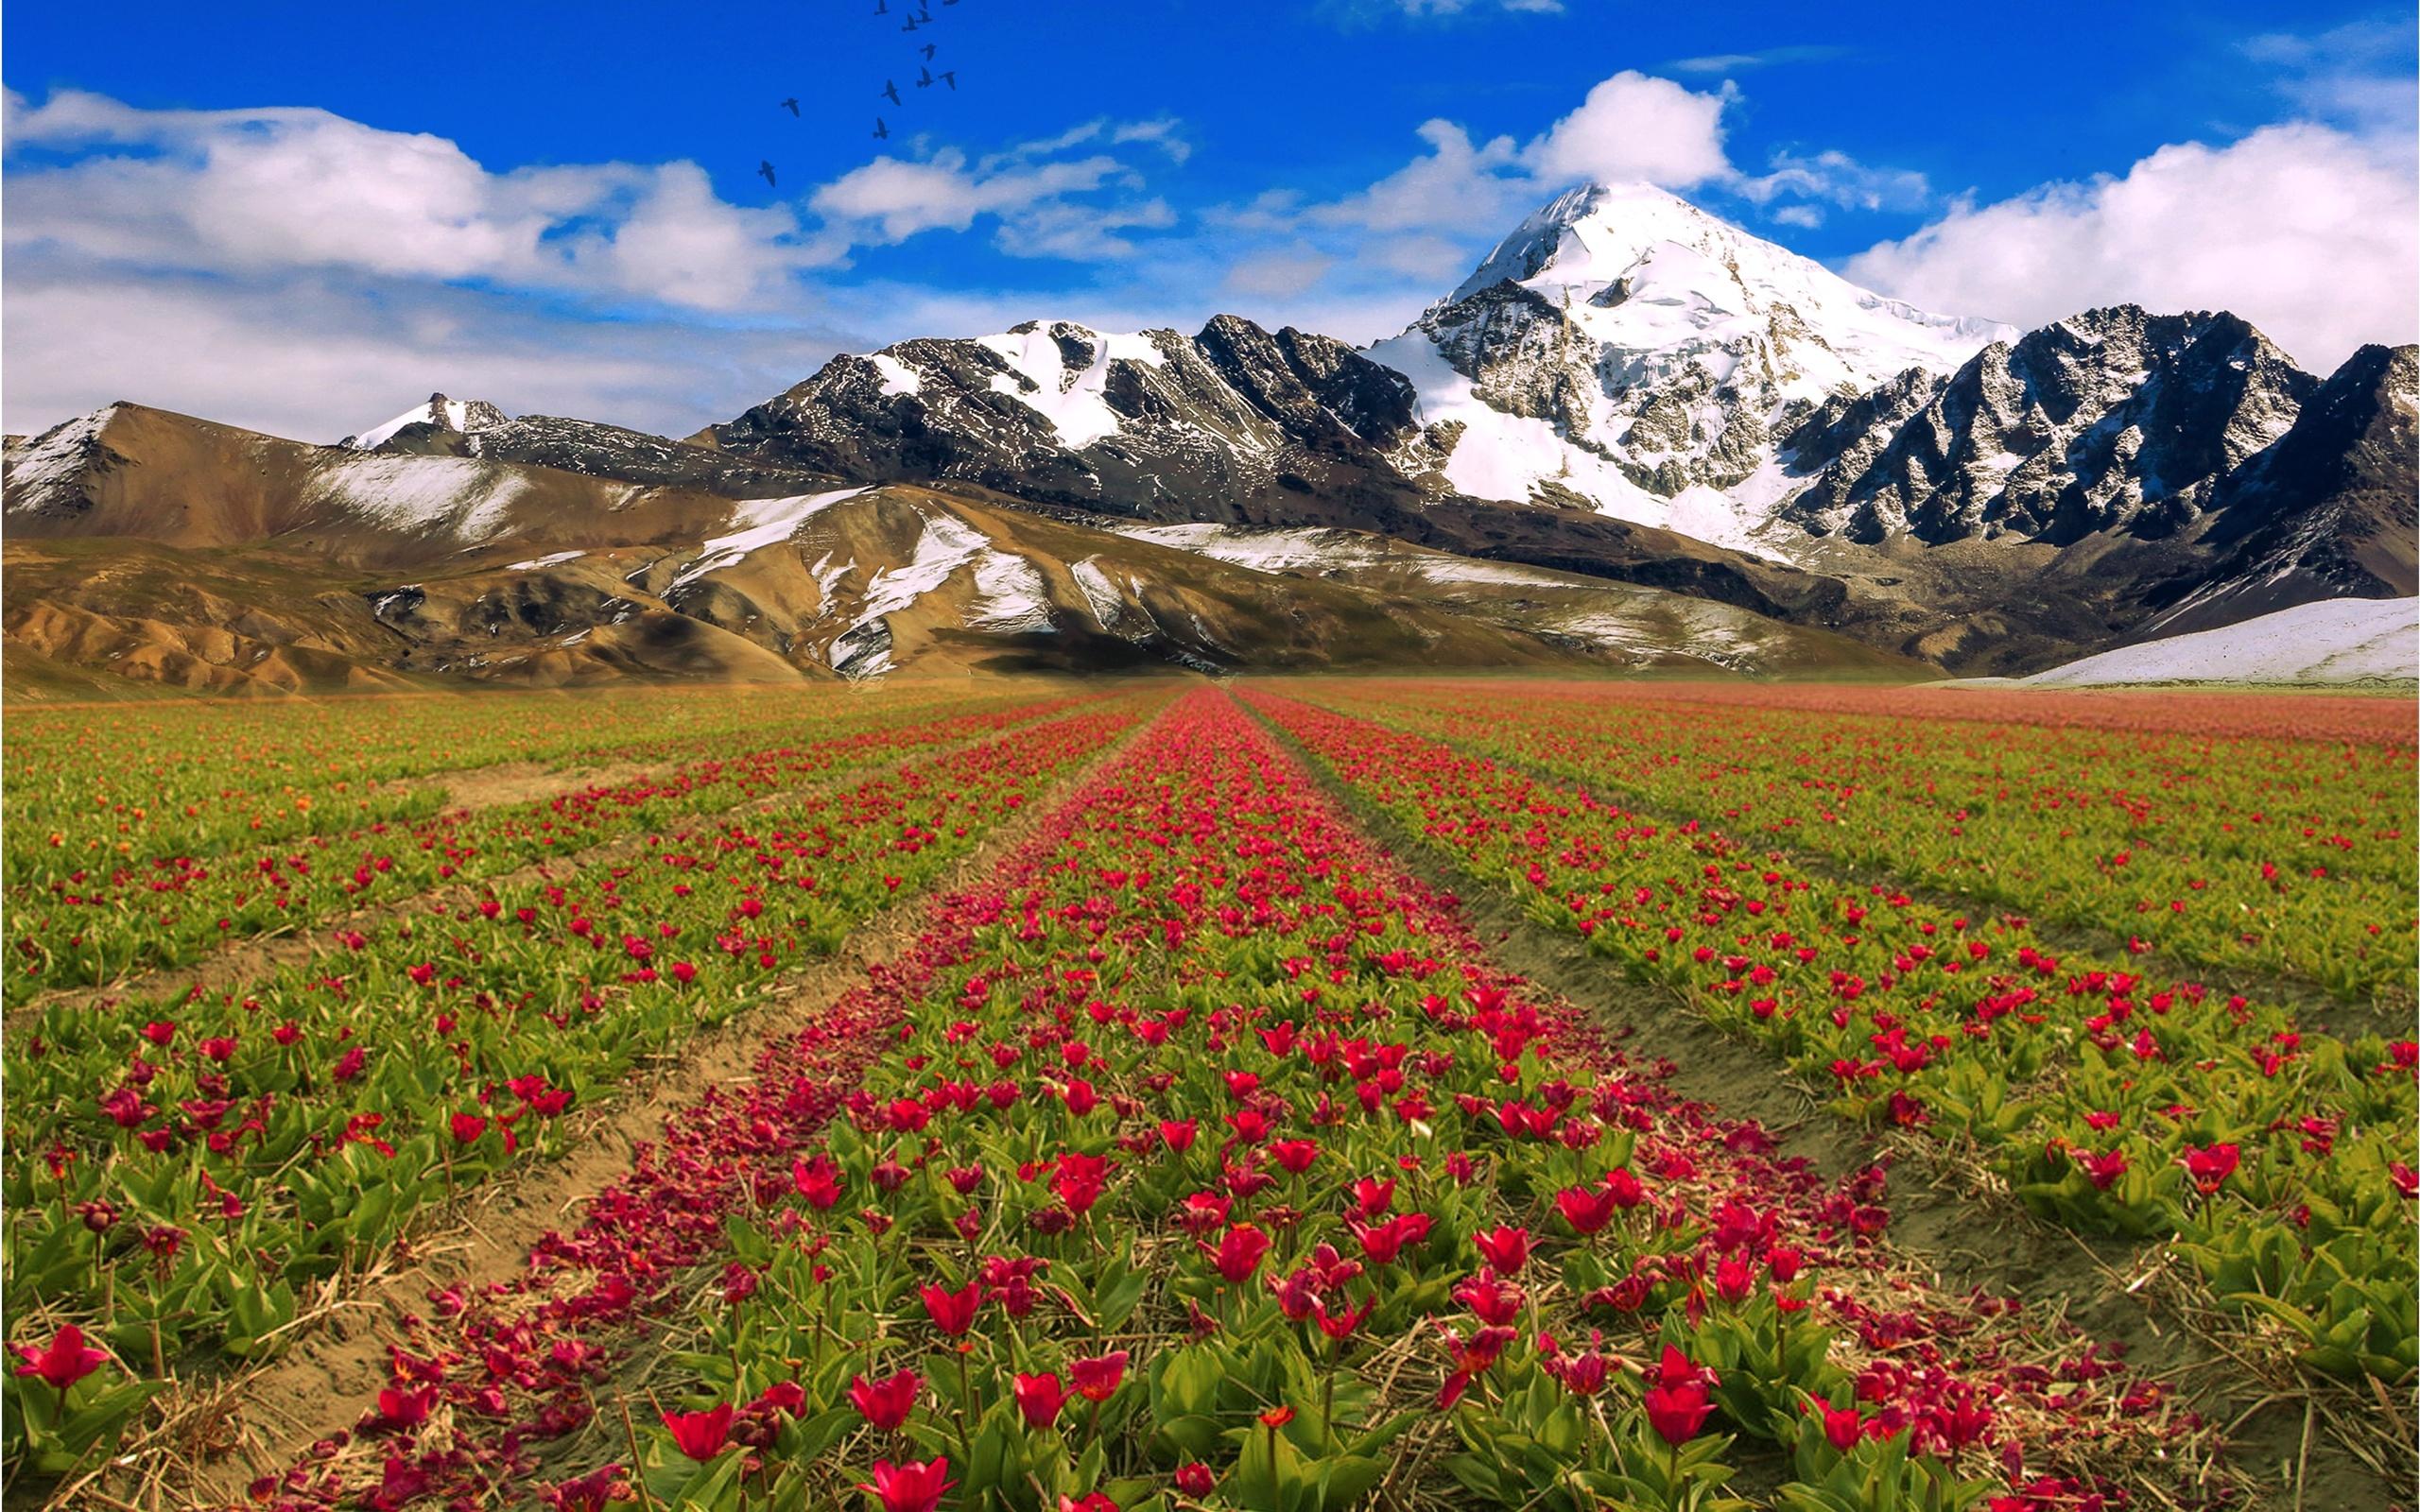 настоящее красивые горные пейзажи весна с тюльпанами фото навязали оплатить